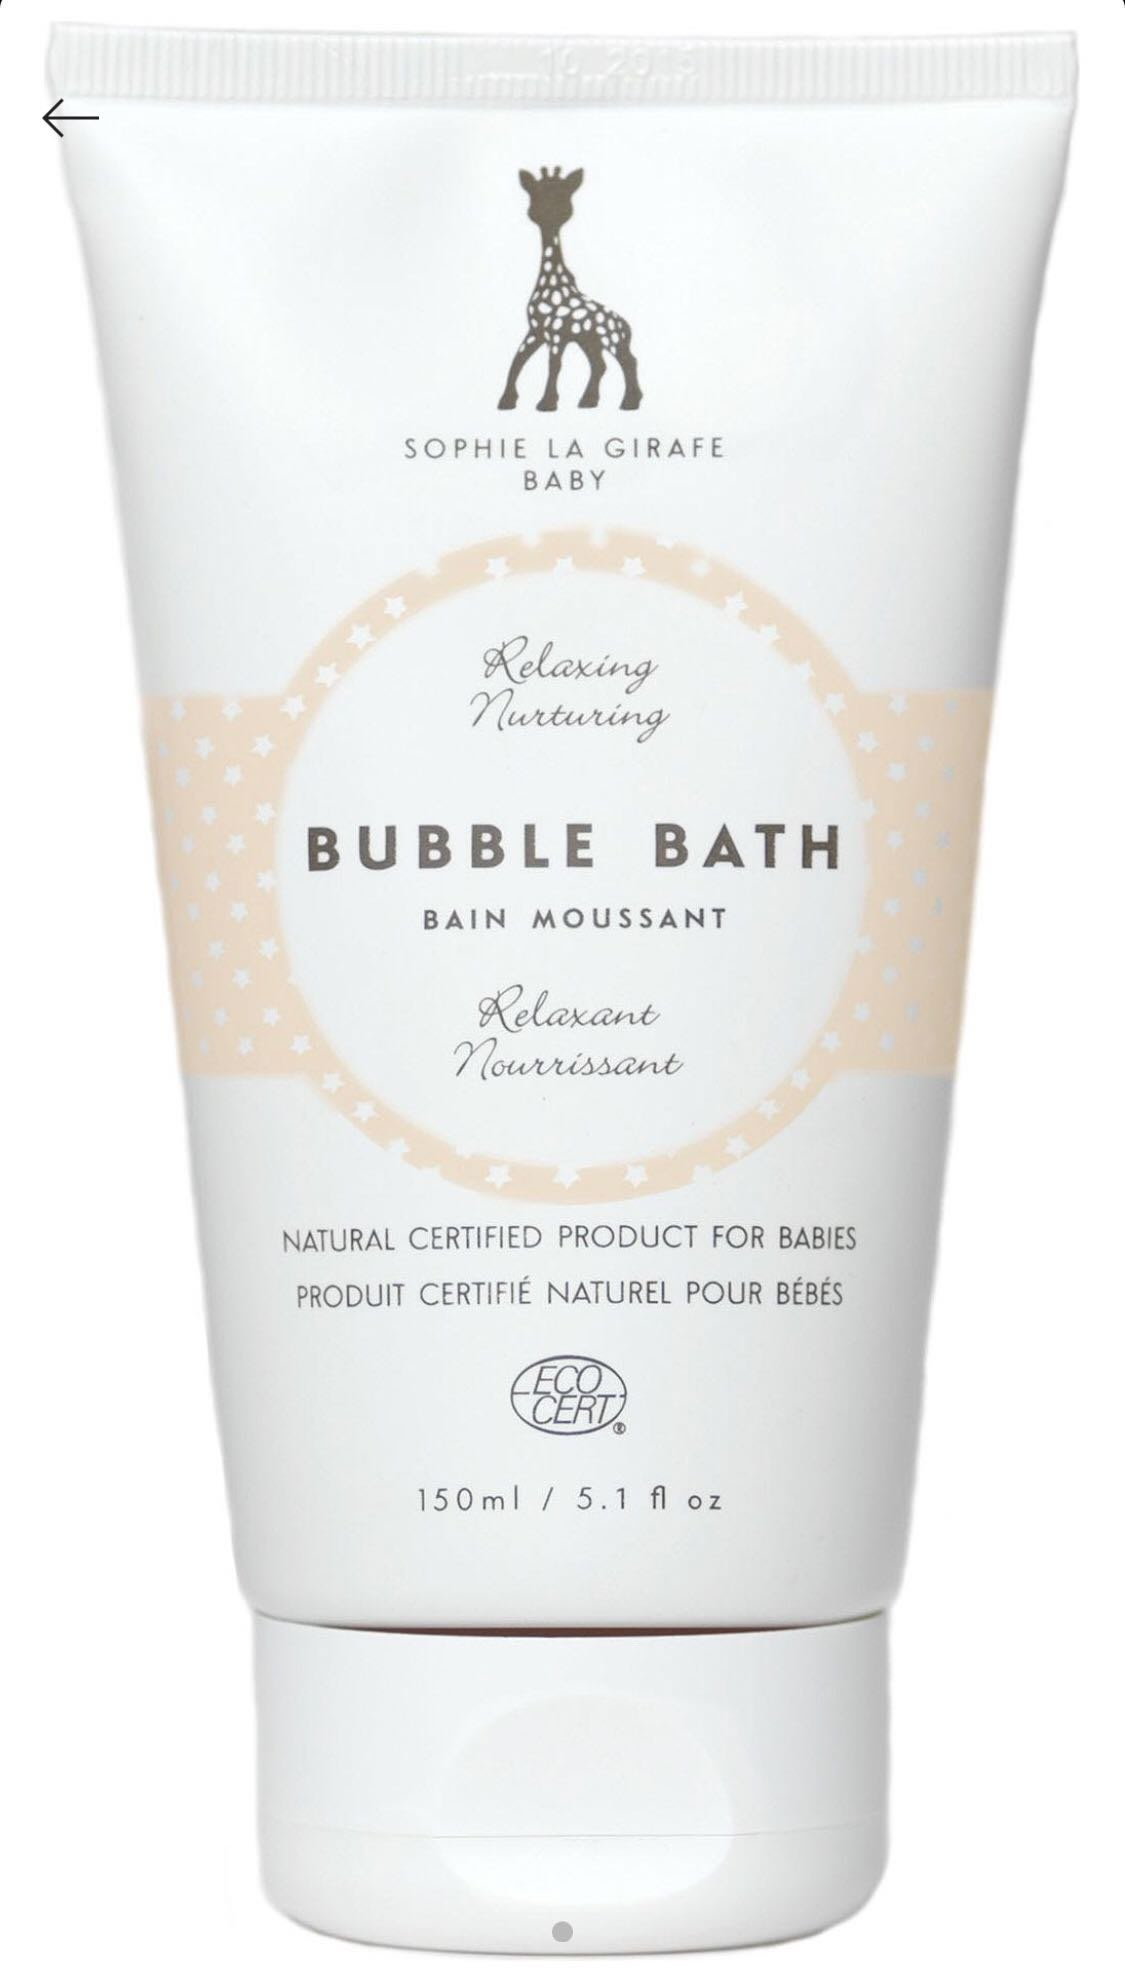 法國 蘇菲長頸鹿SOPHIE THE GIRAFFE Baby bubble bath 150ml 泡泡浴(預購)